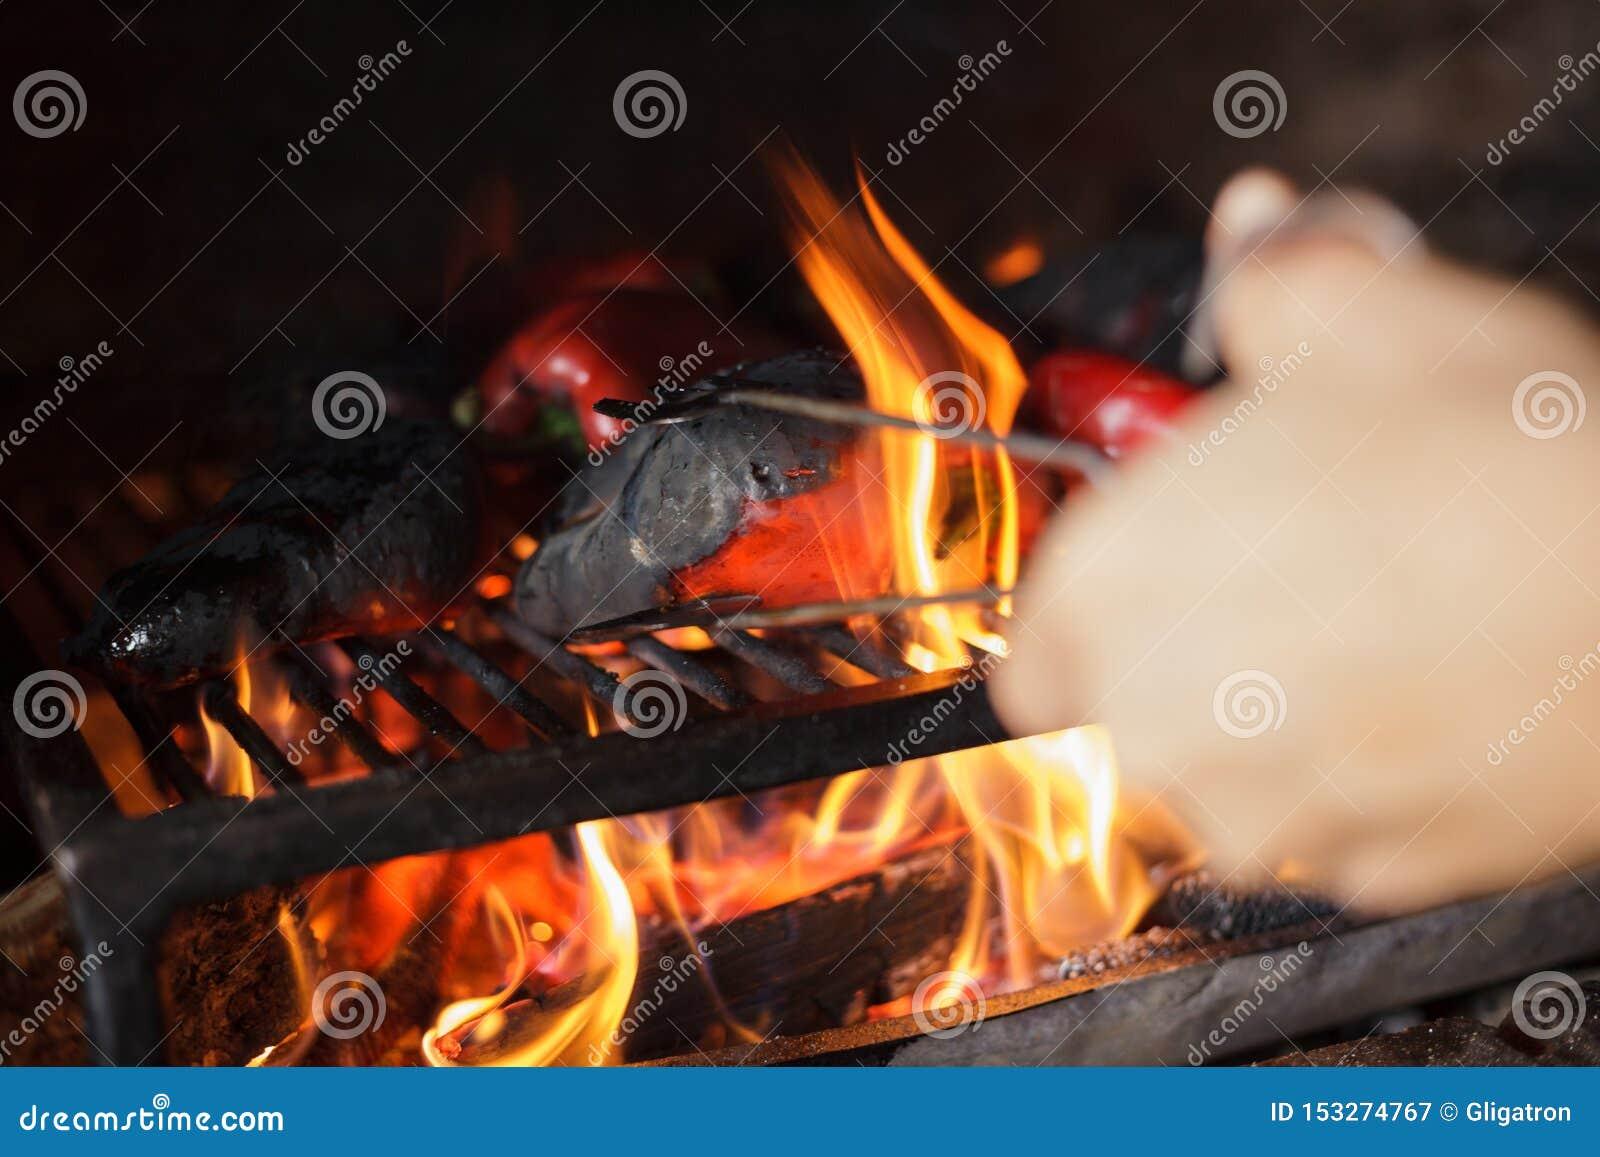 Préparant la délicatesse Ajvar du Balkan traditionnel, grillant le paprika sur une flamme nue